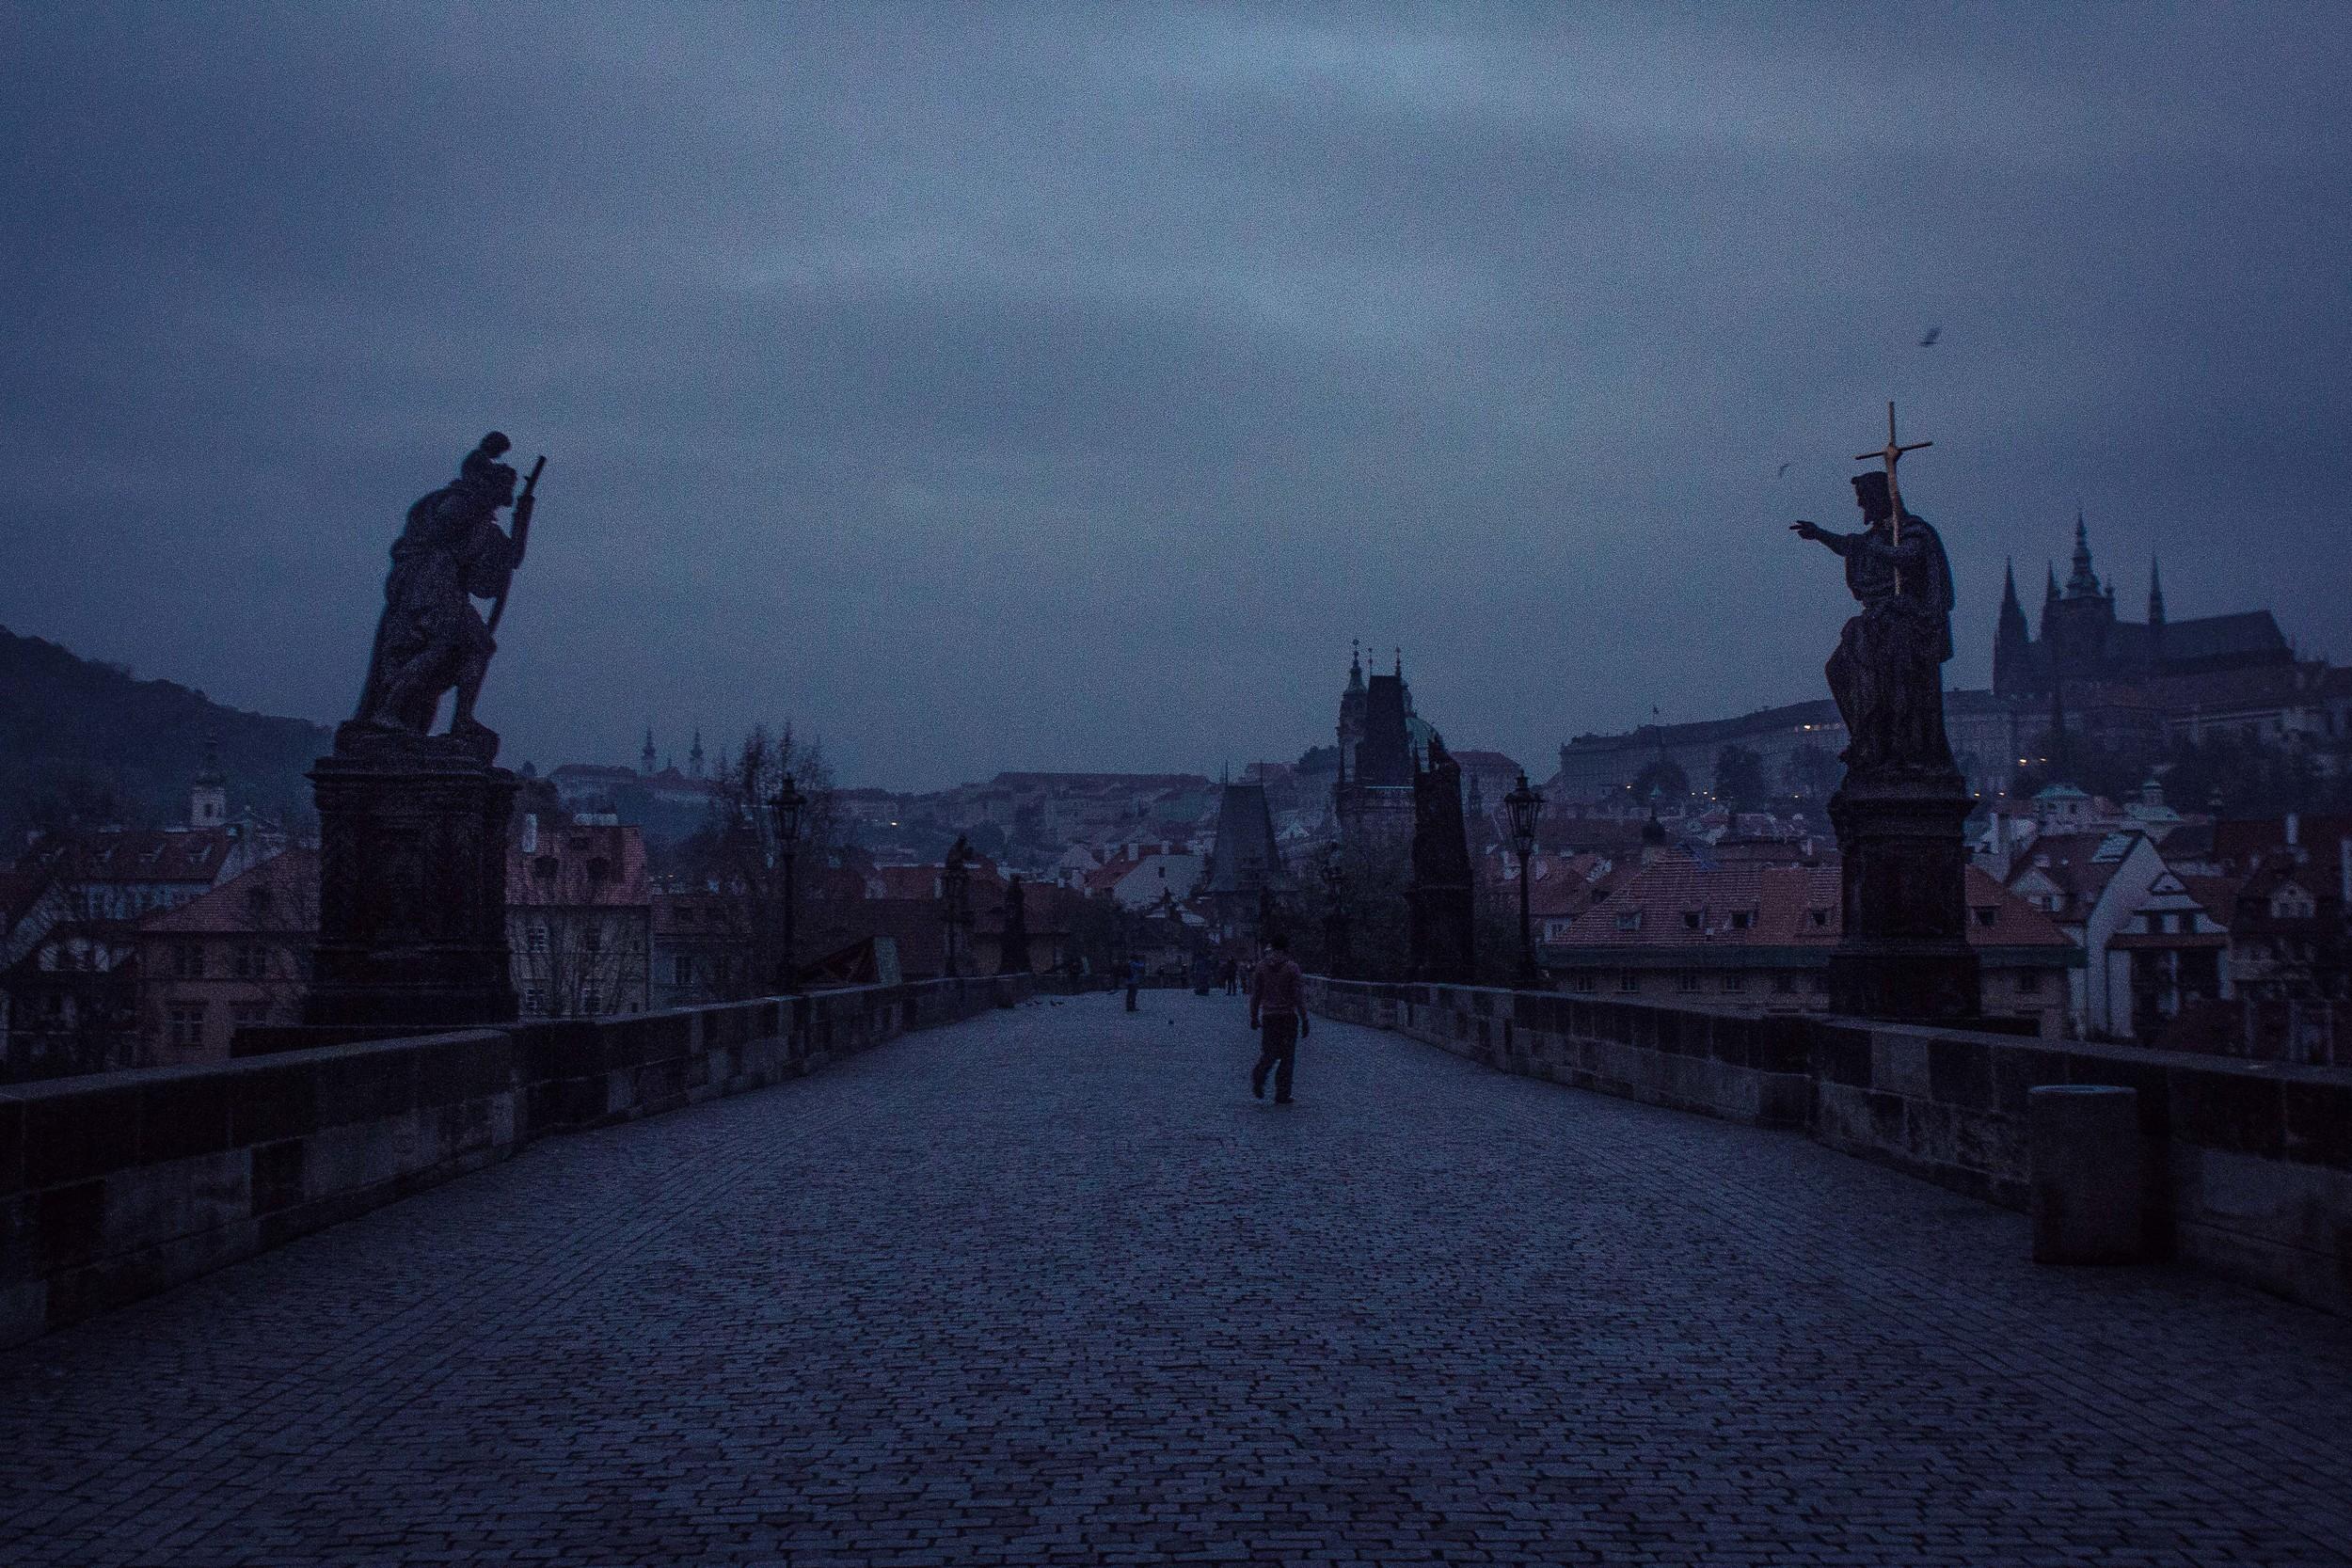 Prague, Czech Republic, October 2014